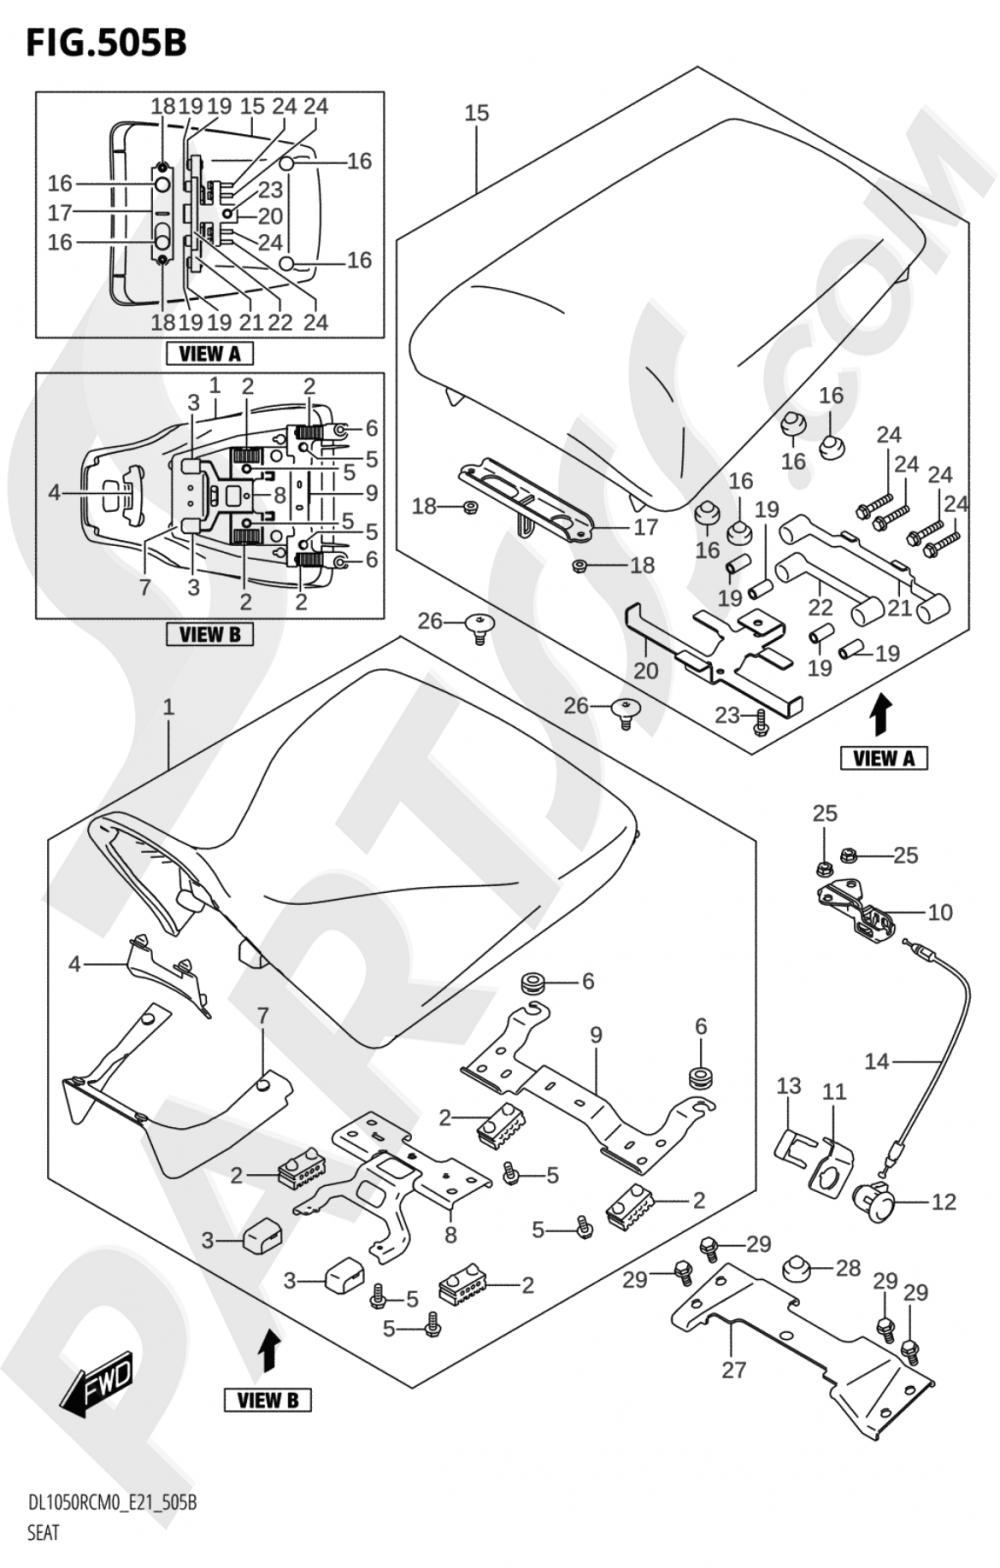 505B - SEAT (DL1050RC) Suzuki VSTROM DL1050RQ 2020